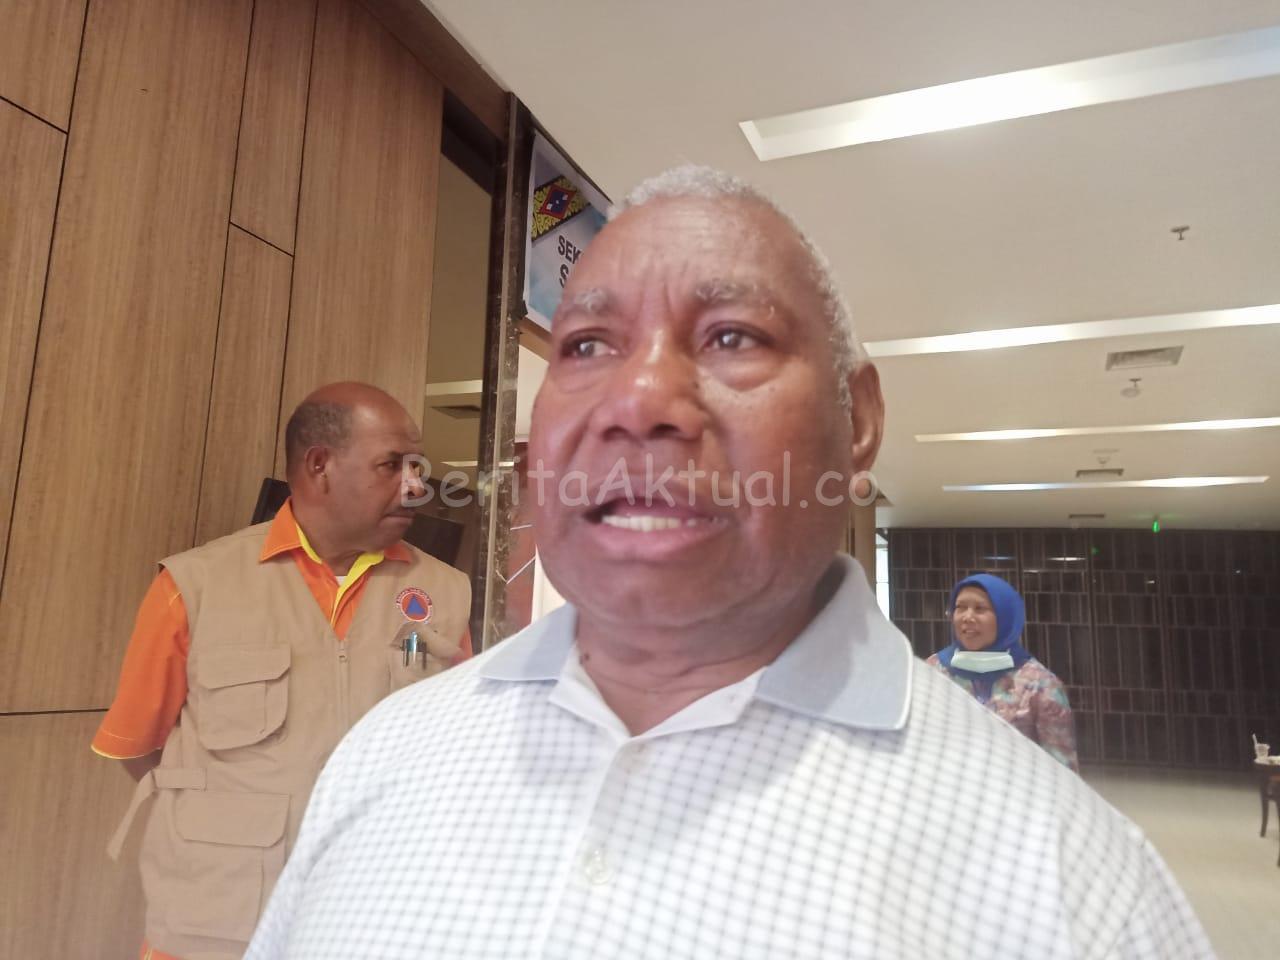 Gubernur: Karena Virus Corona, Pelaksanaan MTQ di Sorong Selatan Ditunda 24 IMG 20200323 WA0046